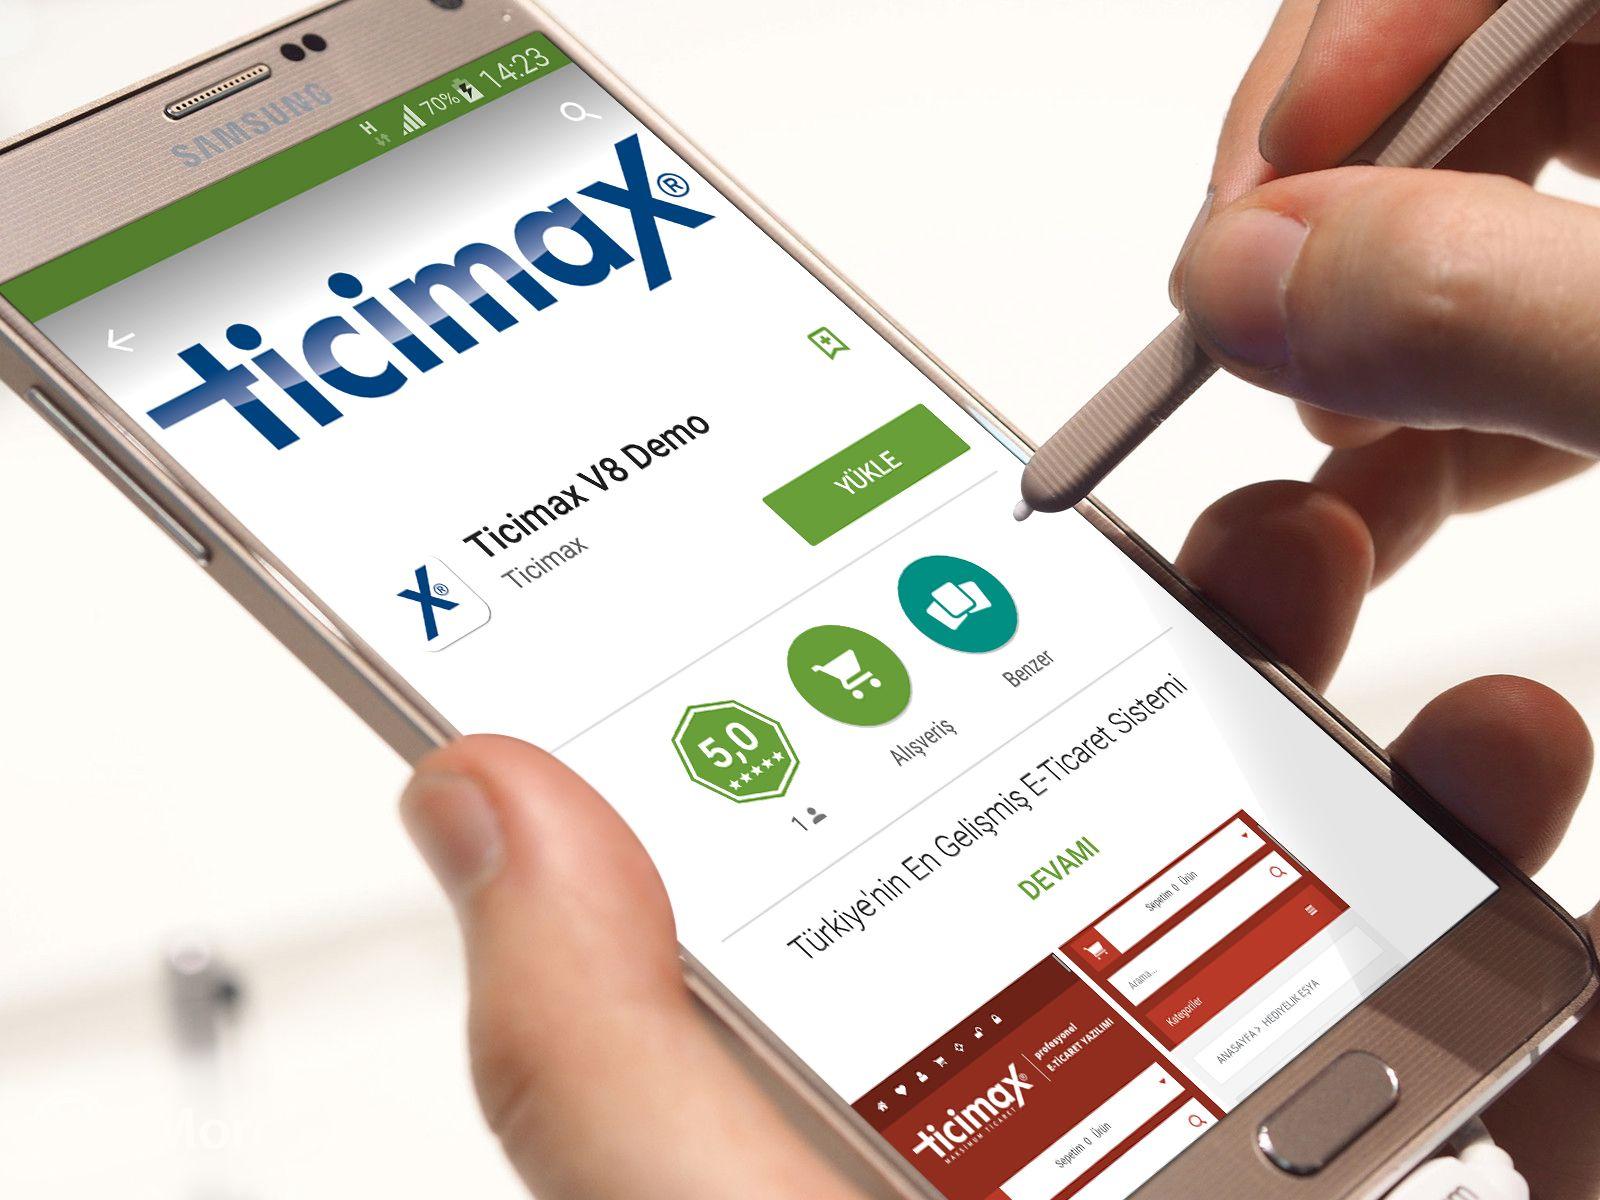 Mobil uygulamamız ile ücretsiz test etme imkanı bir tık ötenizde! https://www.ticimax.com  #eticaret #sanalmağaza #eticaretsitesi #onlinesatış #ecommerce #mobilticaret #satışsitesi #ticimax